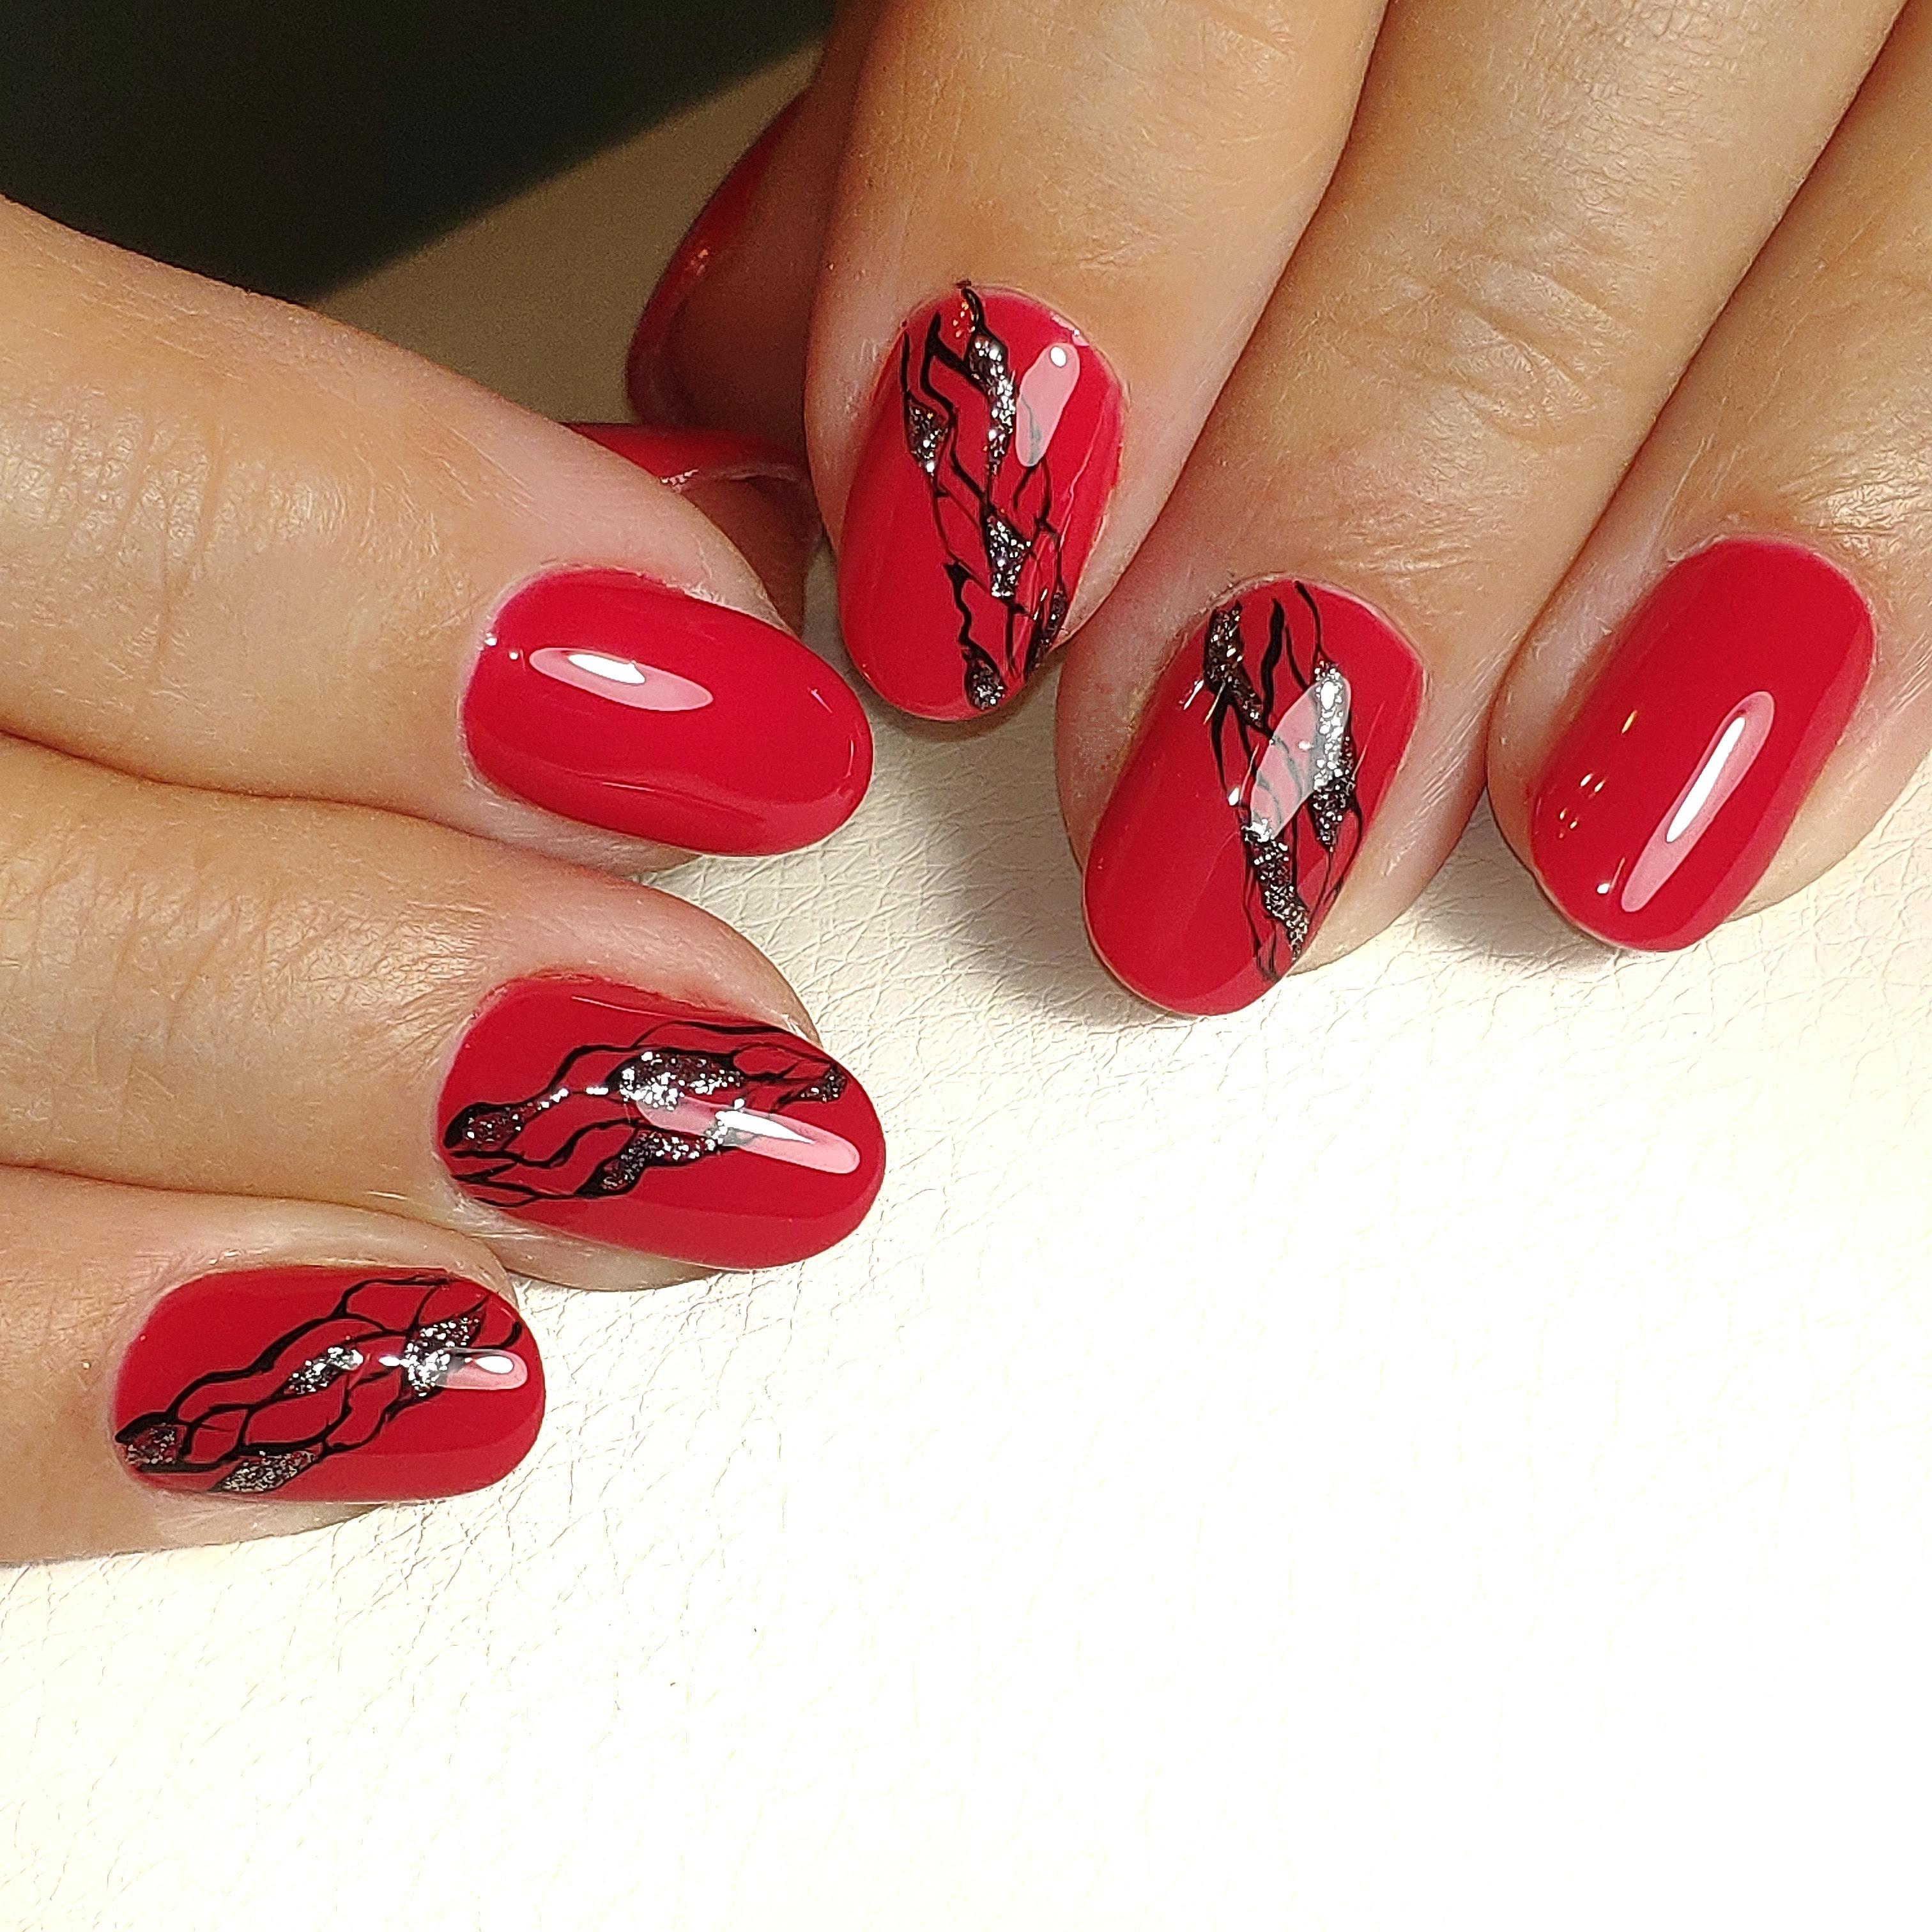 Однотонный маникюр в красном цвете с абстрактным рисунком и блёстками.